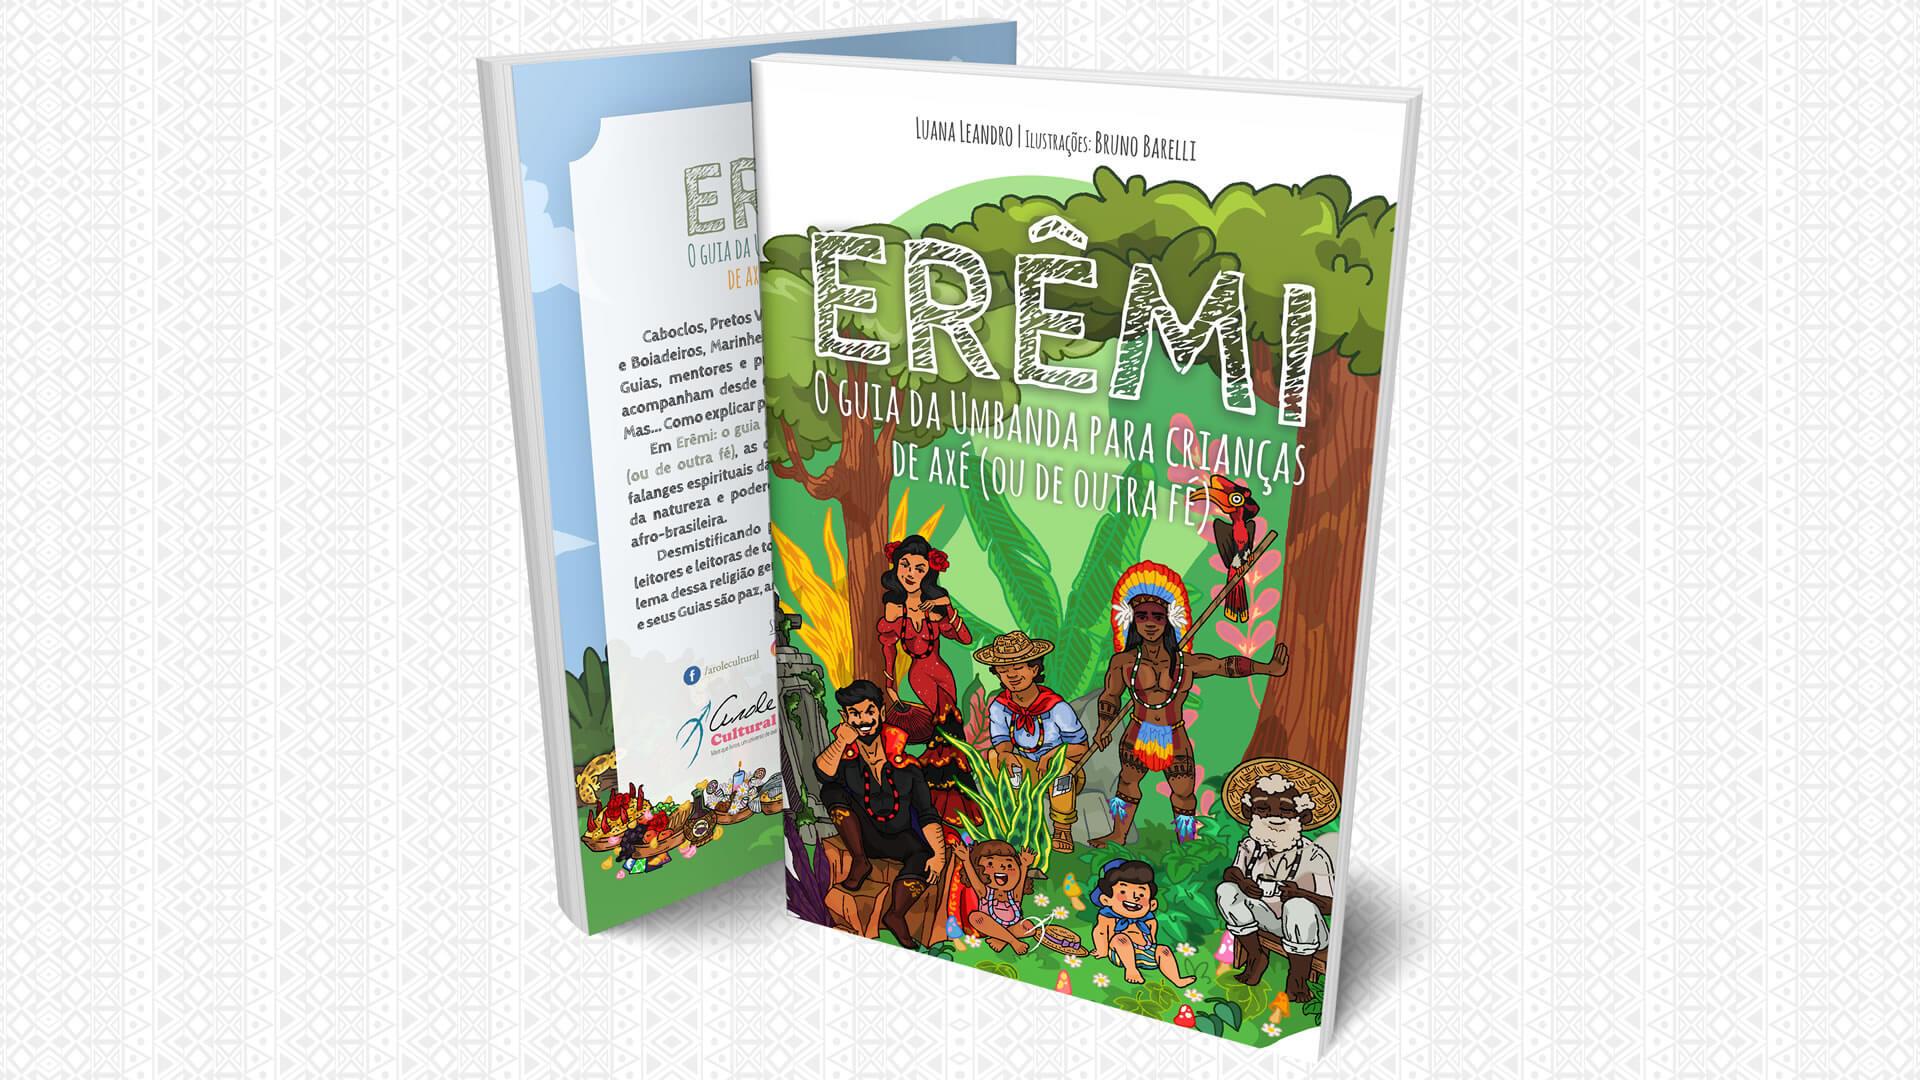 Arole Cultural   ERÊMI: O Guia da Umbanda para Crianças de Axé, lançamento da Arole Cultural, apresenta as 12 falanges espirituais da Umbanda para as crianças!